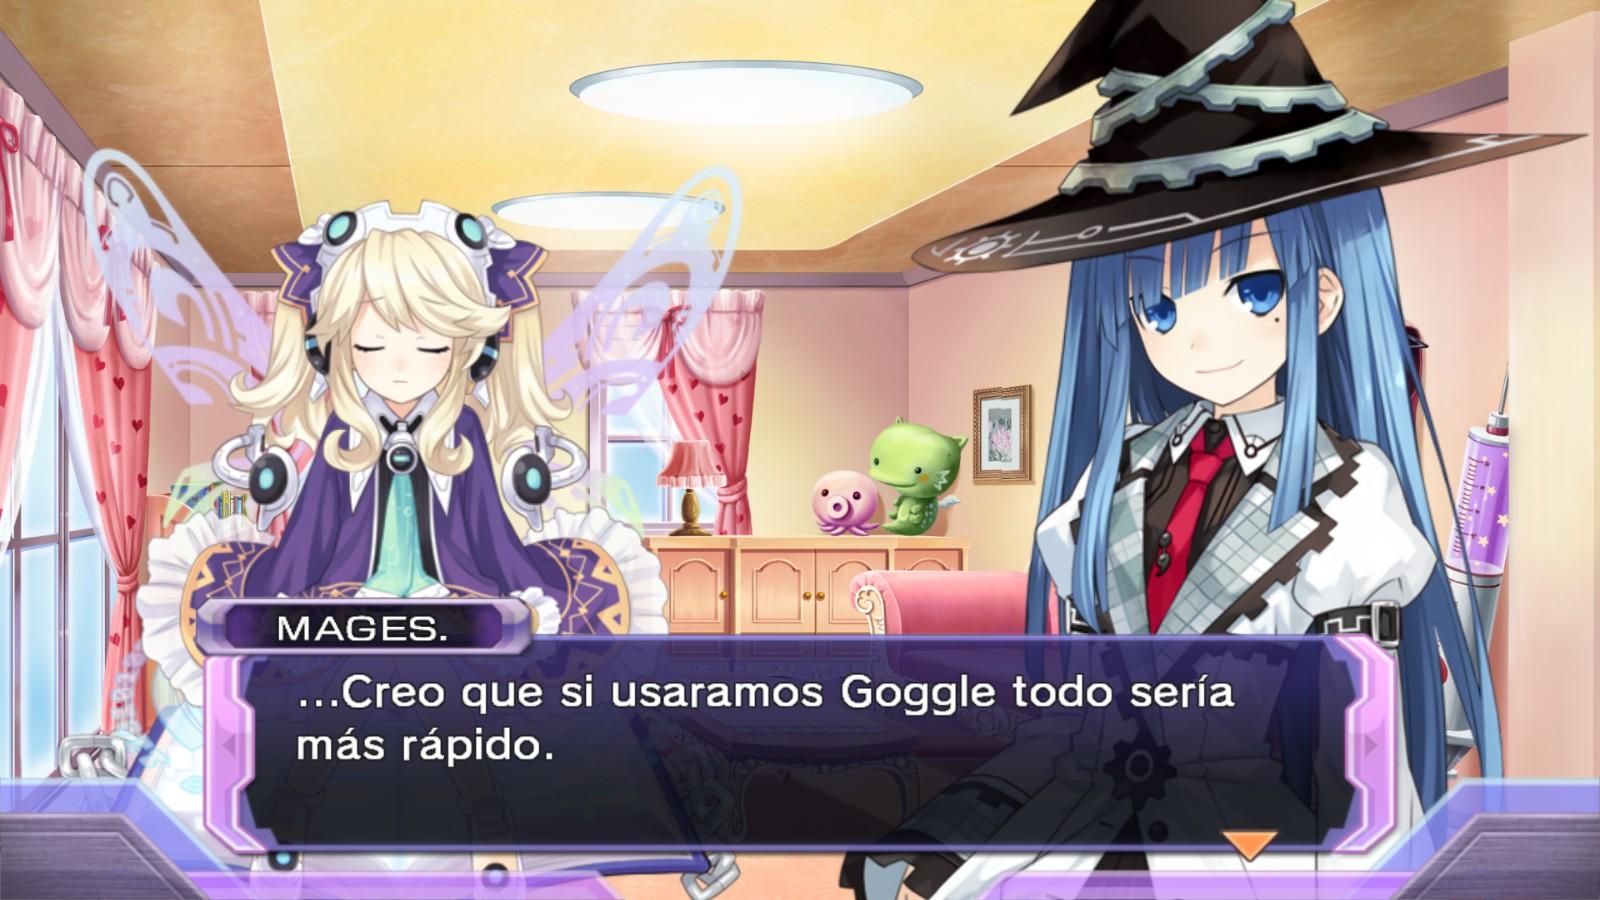 traduccion al espanol